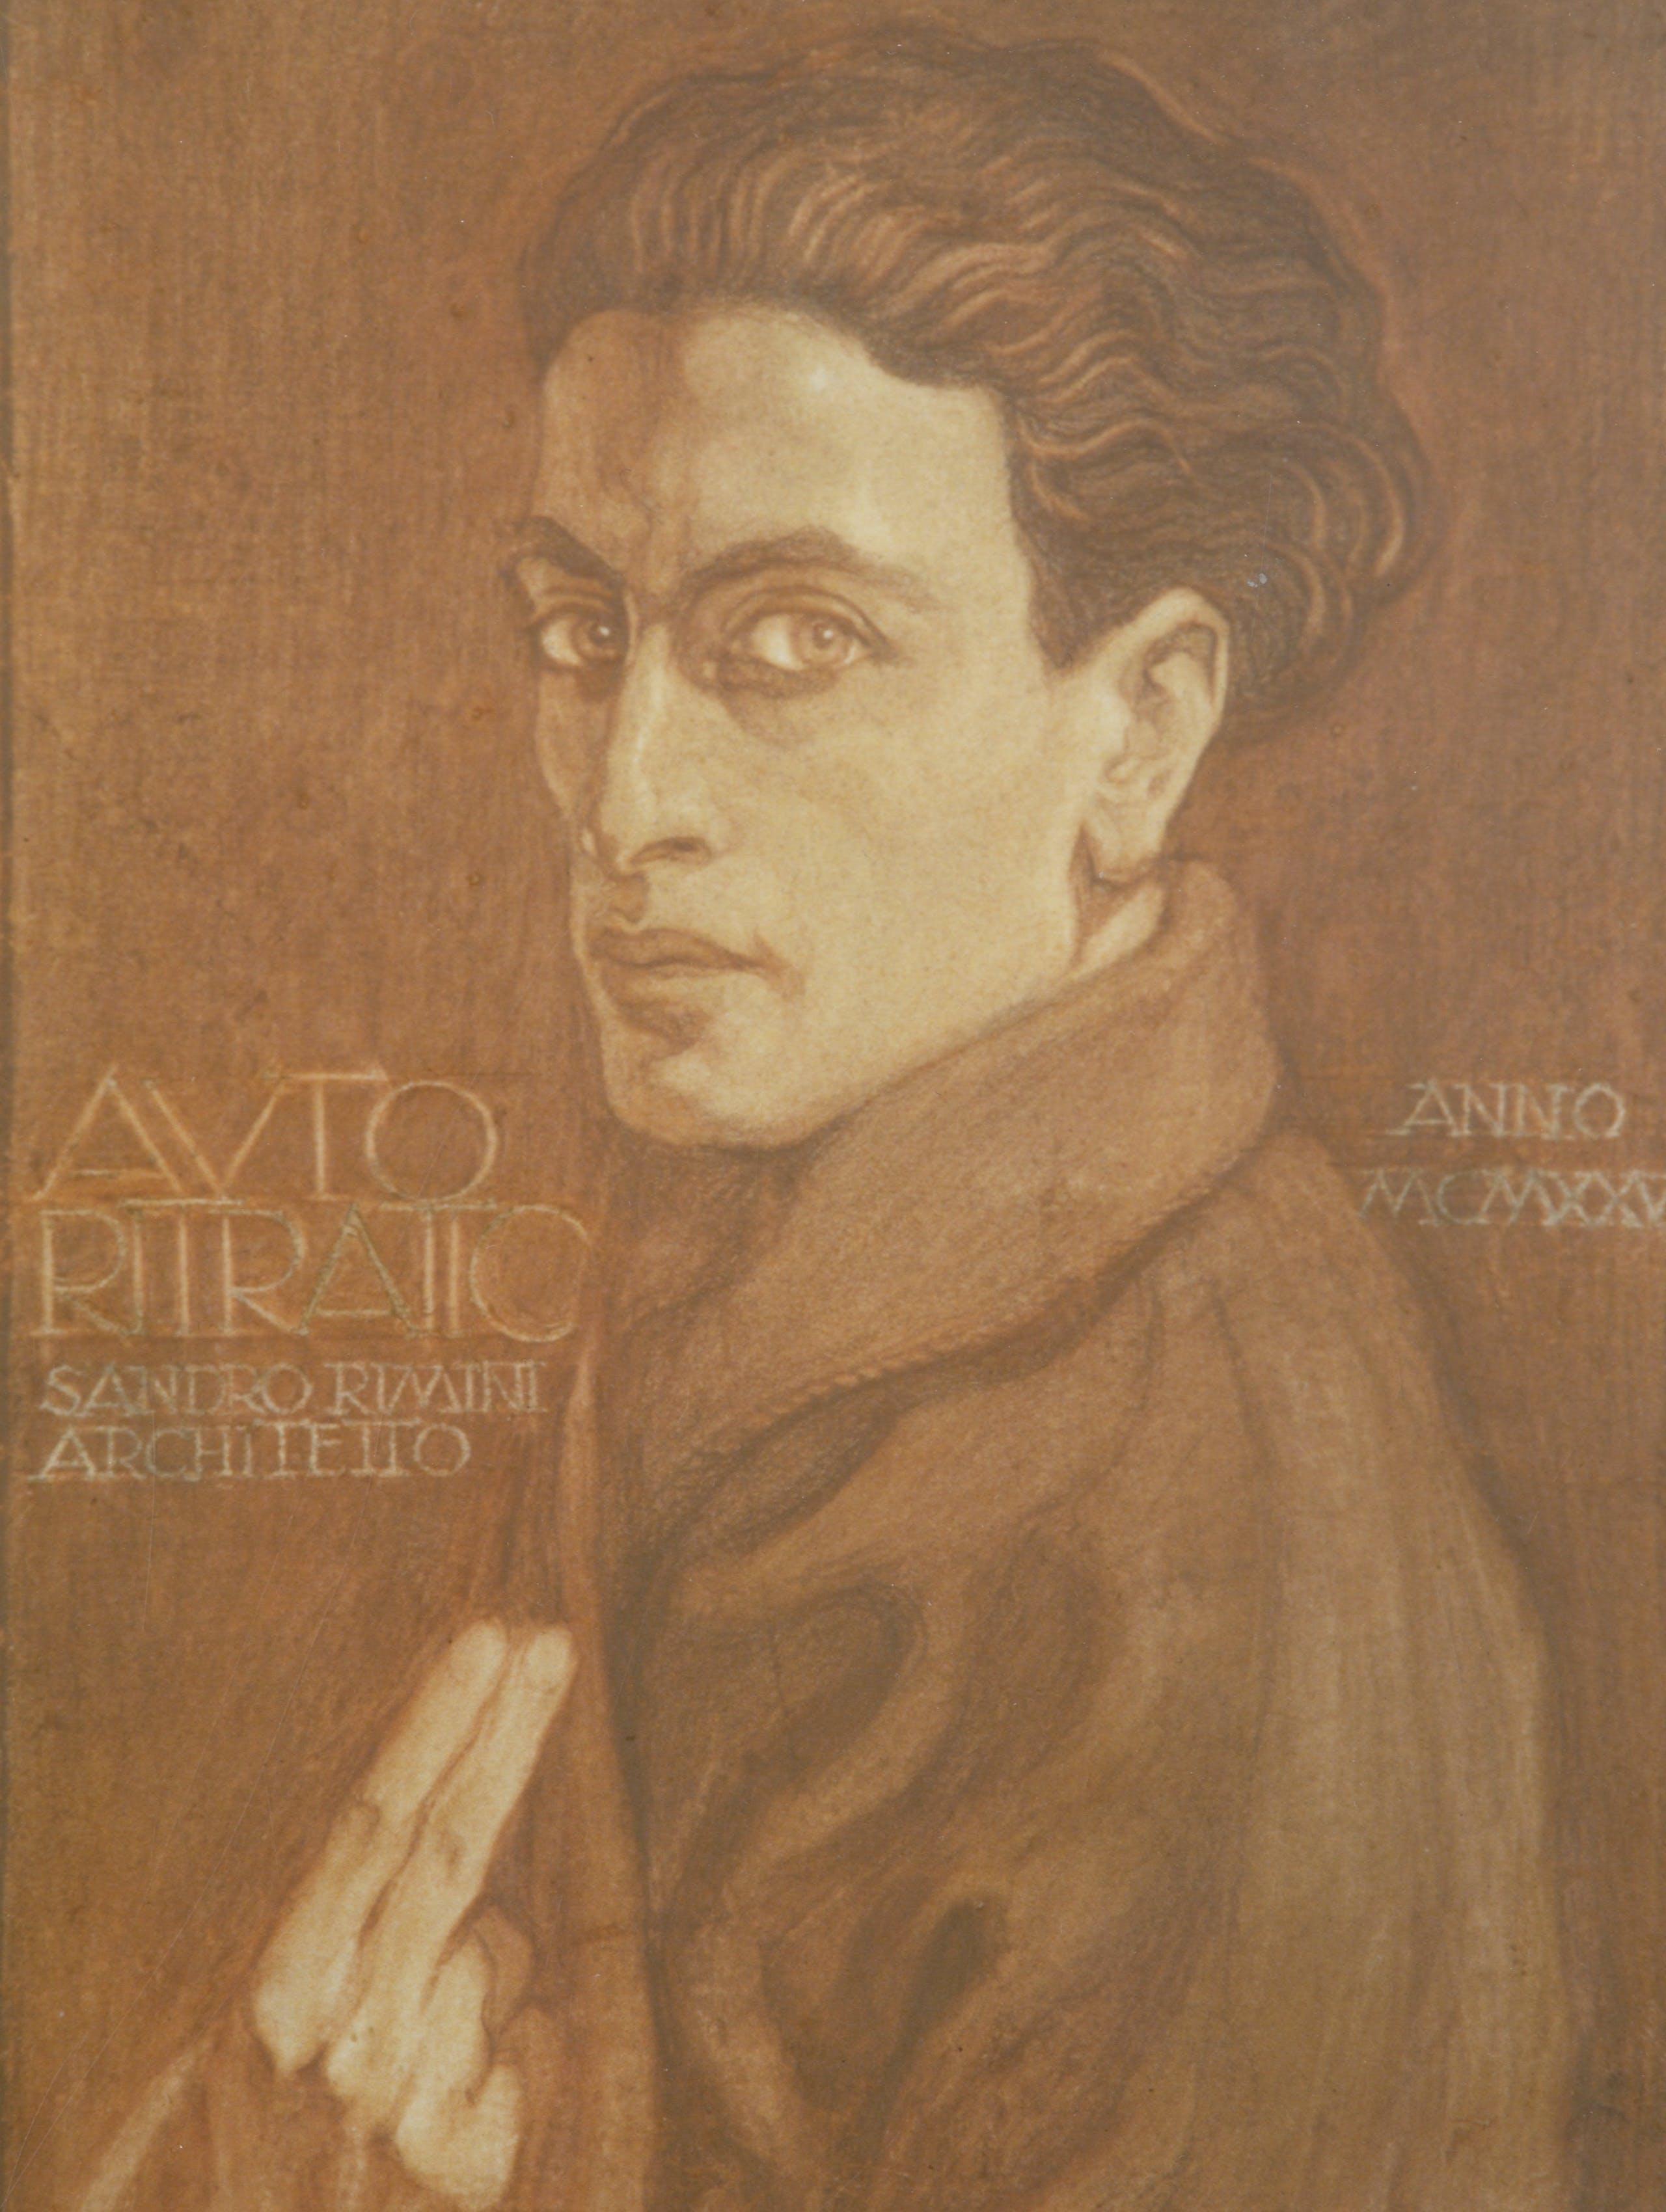 Alessandro Rimini, self portrait, 1925